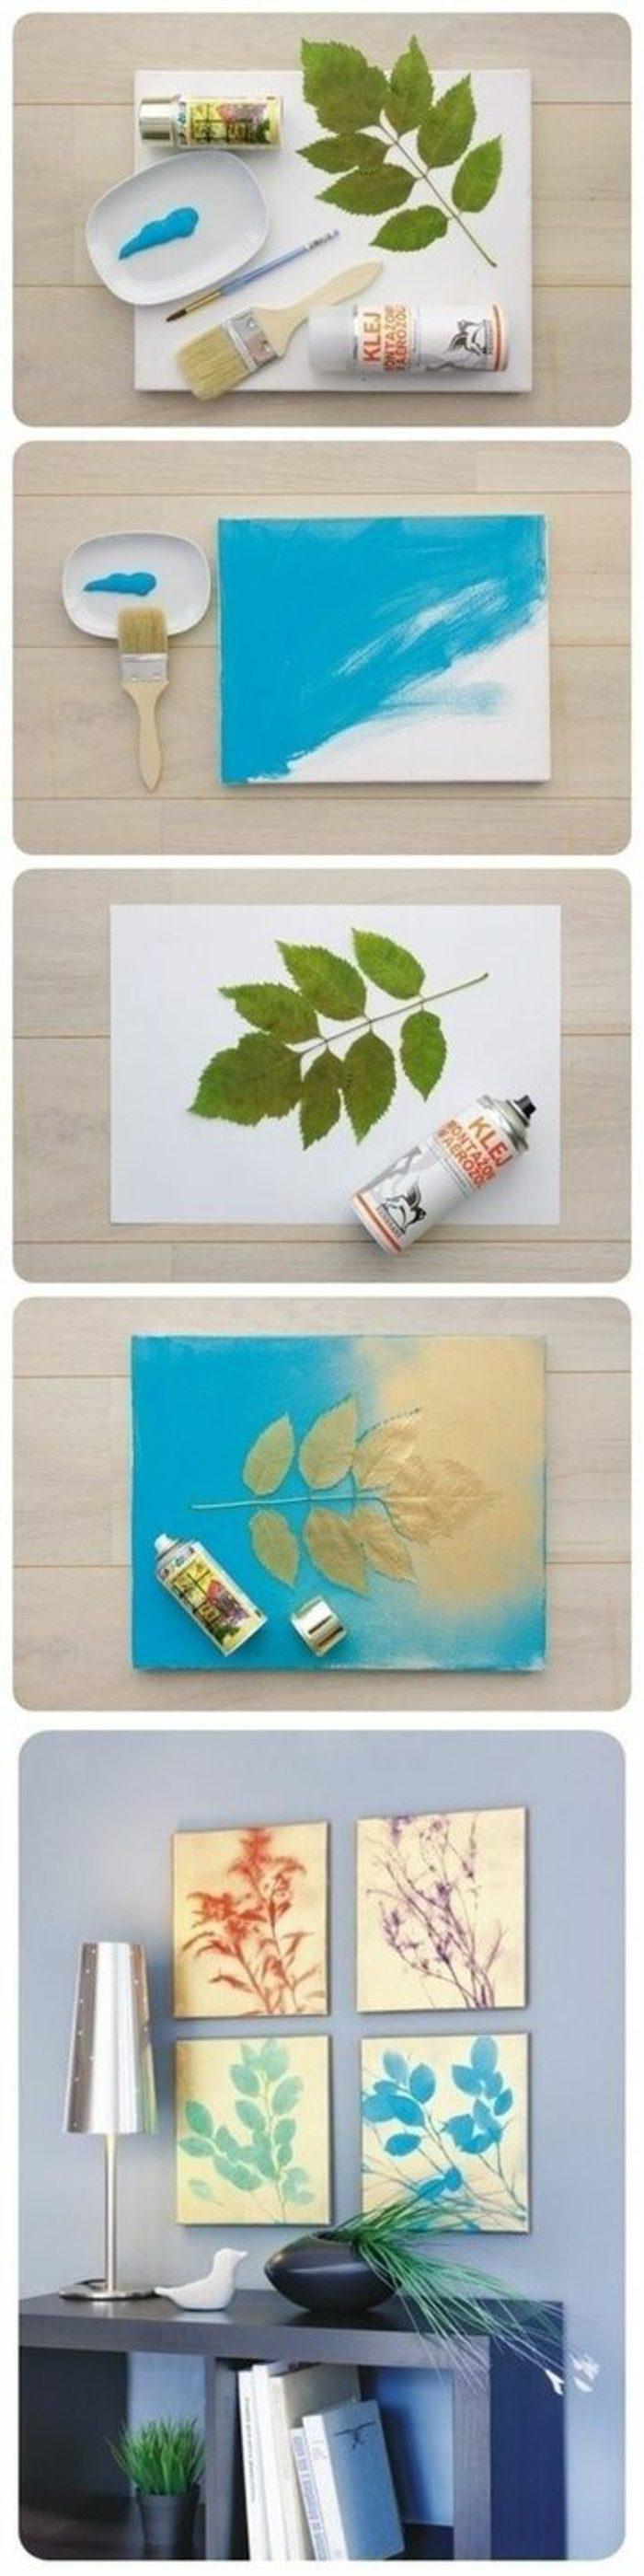 02-ideas-para-regalar-cuadros-hechos-manualmente-con-pinta-y-hojas-idea-artística